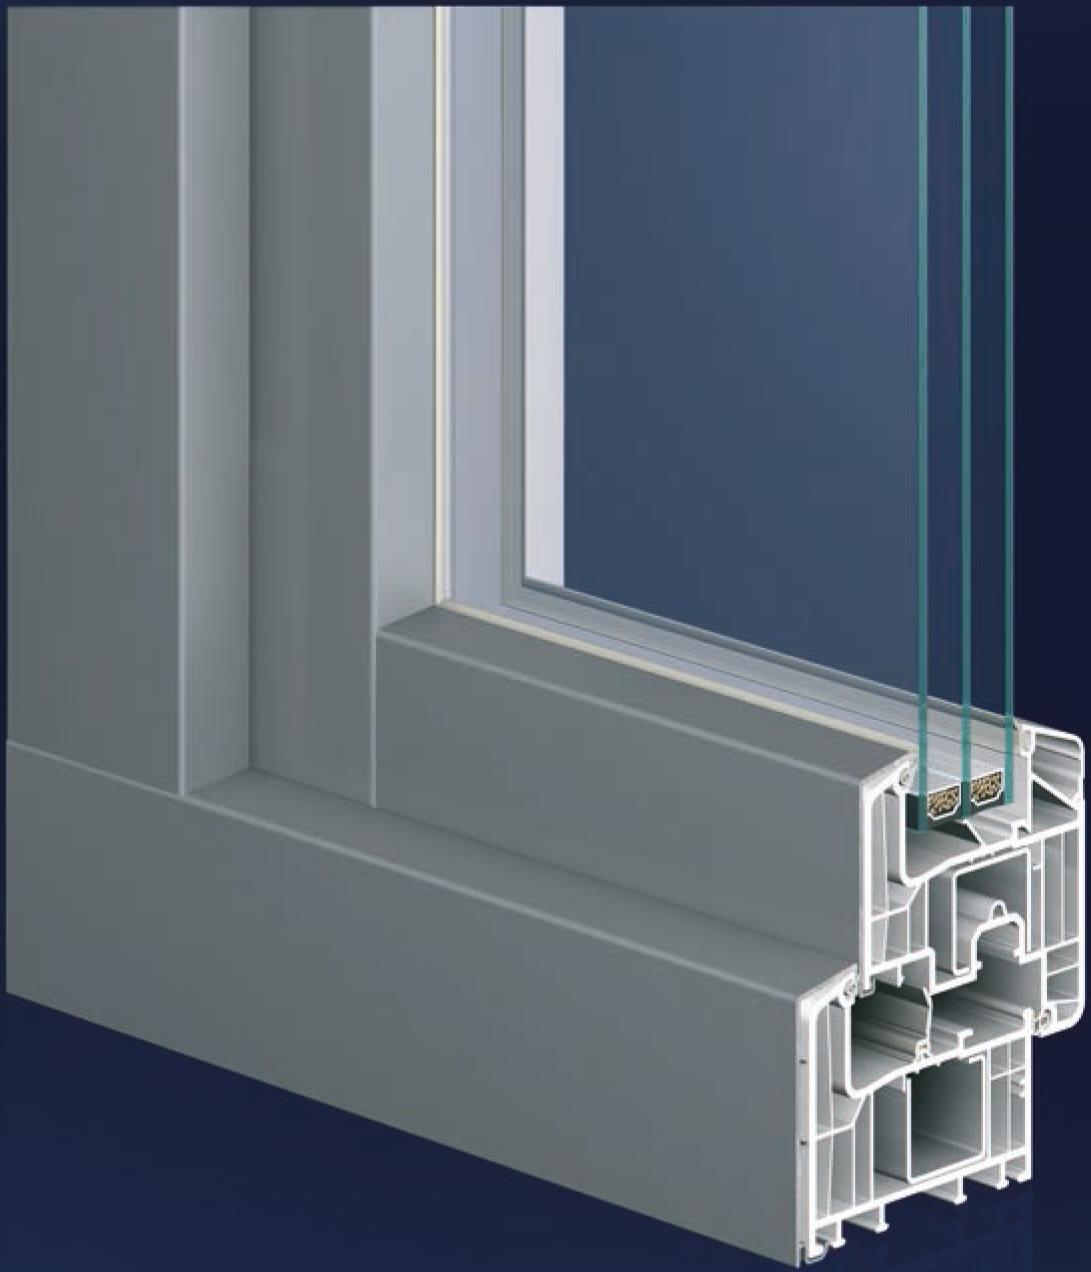 Fenster system eforte neunkirchen fensterbau - Fenster schallschutzklasse 6 ...